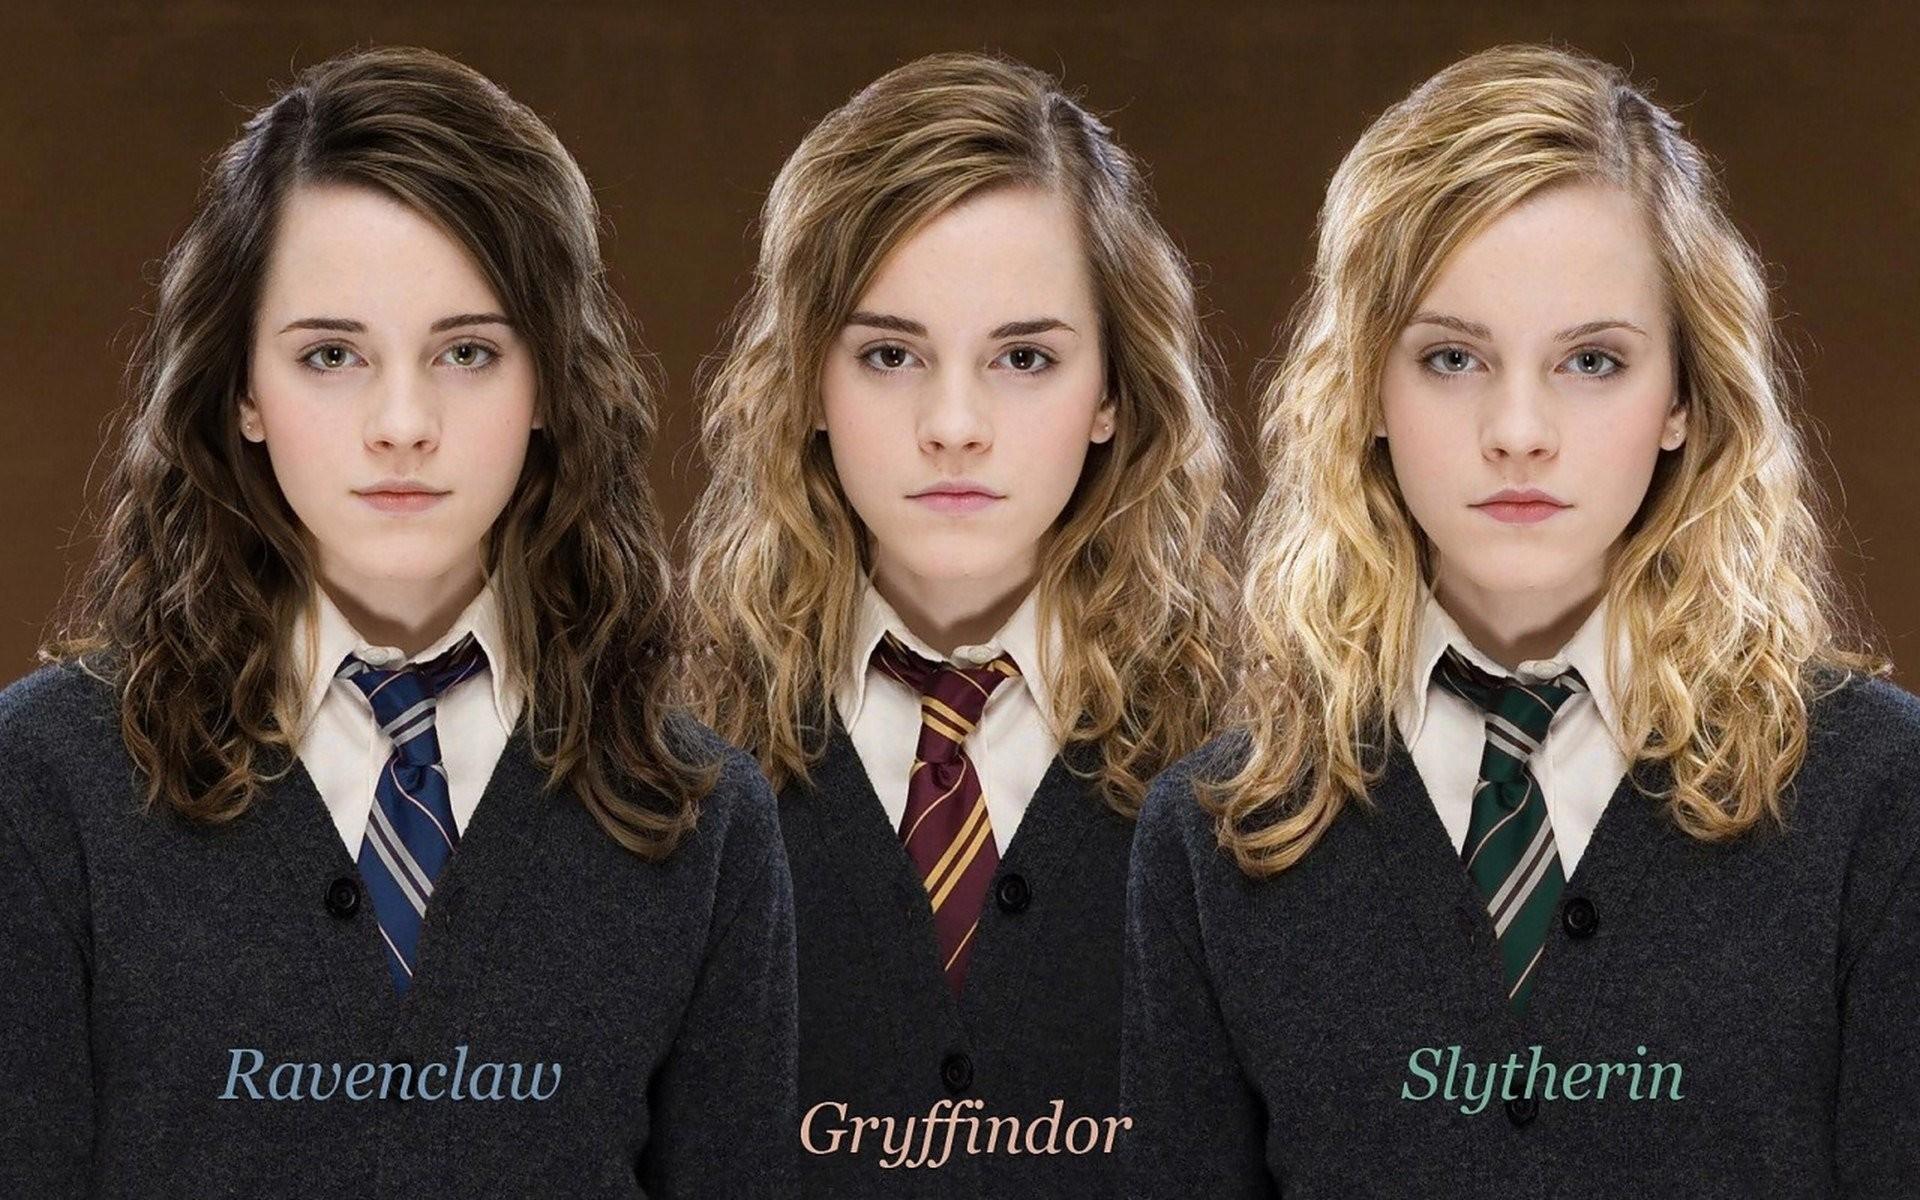 emma ravenclaw gryffindor slytherin department hogwarts